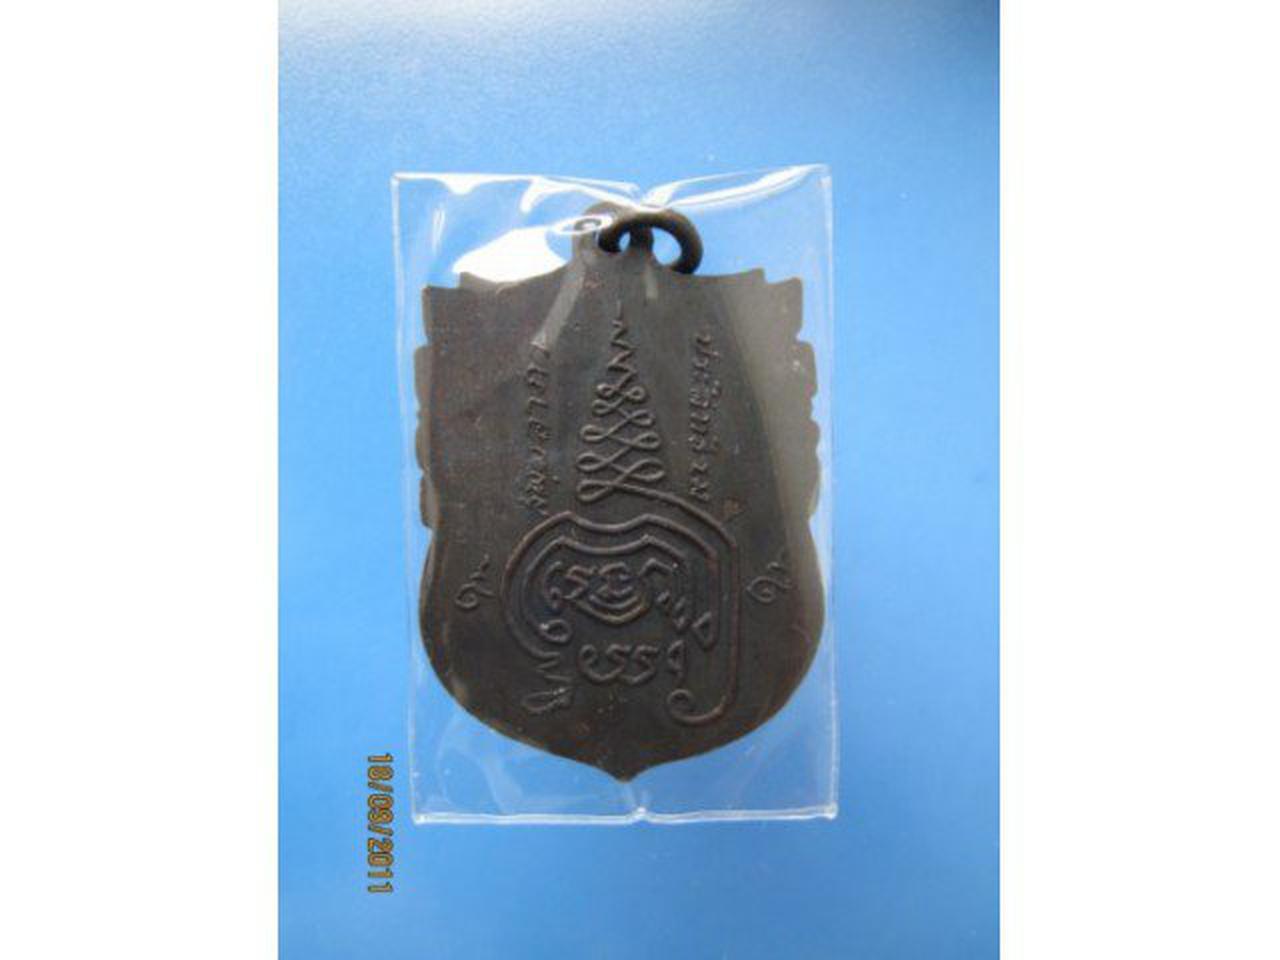 - เหรียญสมเด็จพุฒาจารย์โต ปี2499 พิมพ์เสมาใหญ่ หลวงปู่นาค ปล รูปที่ 1